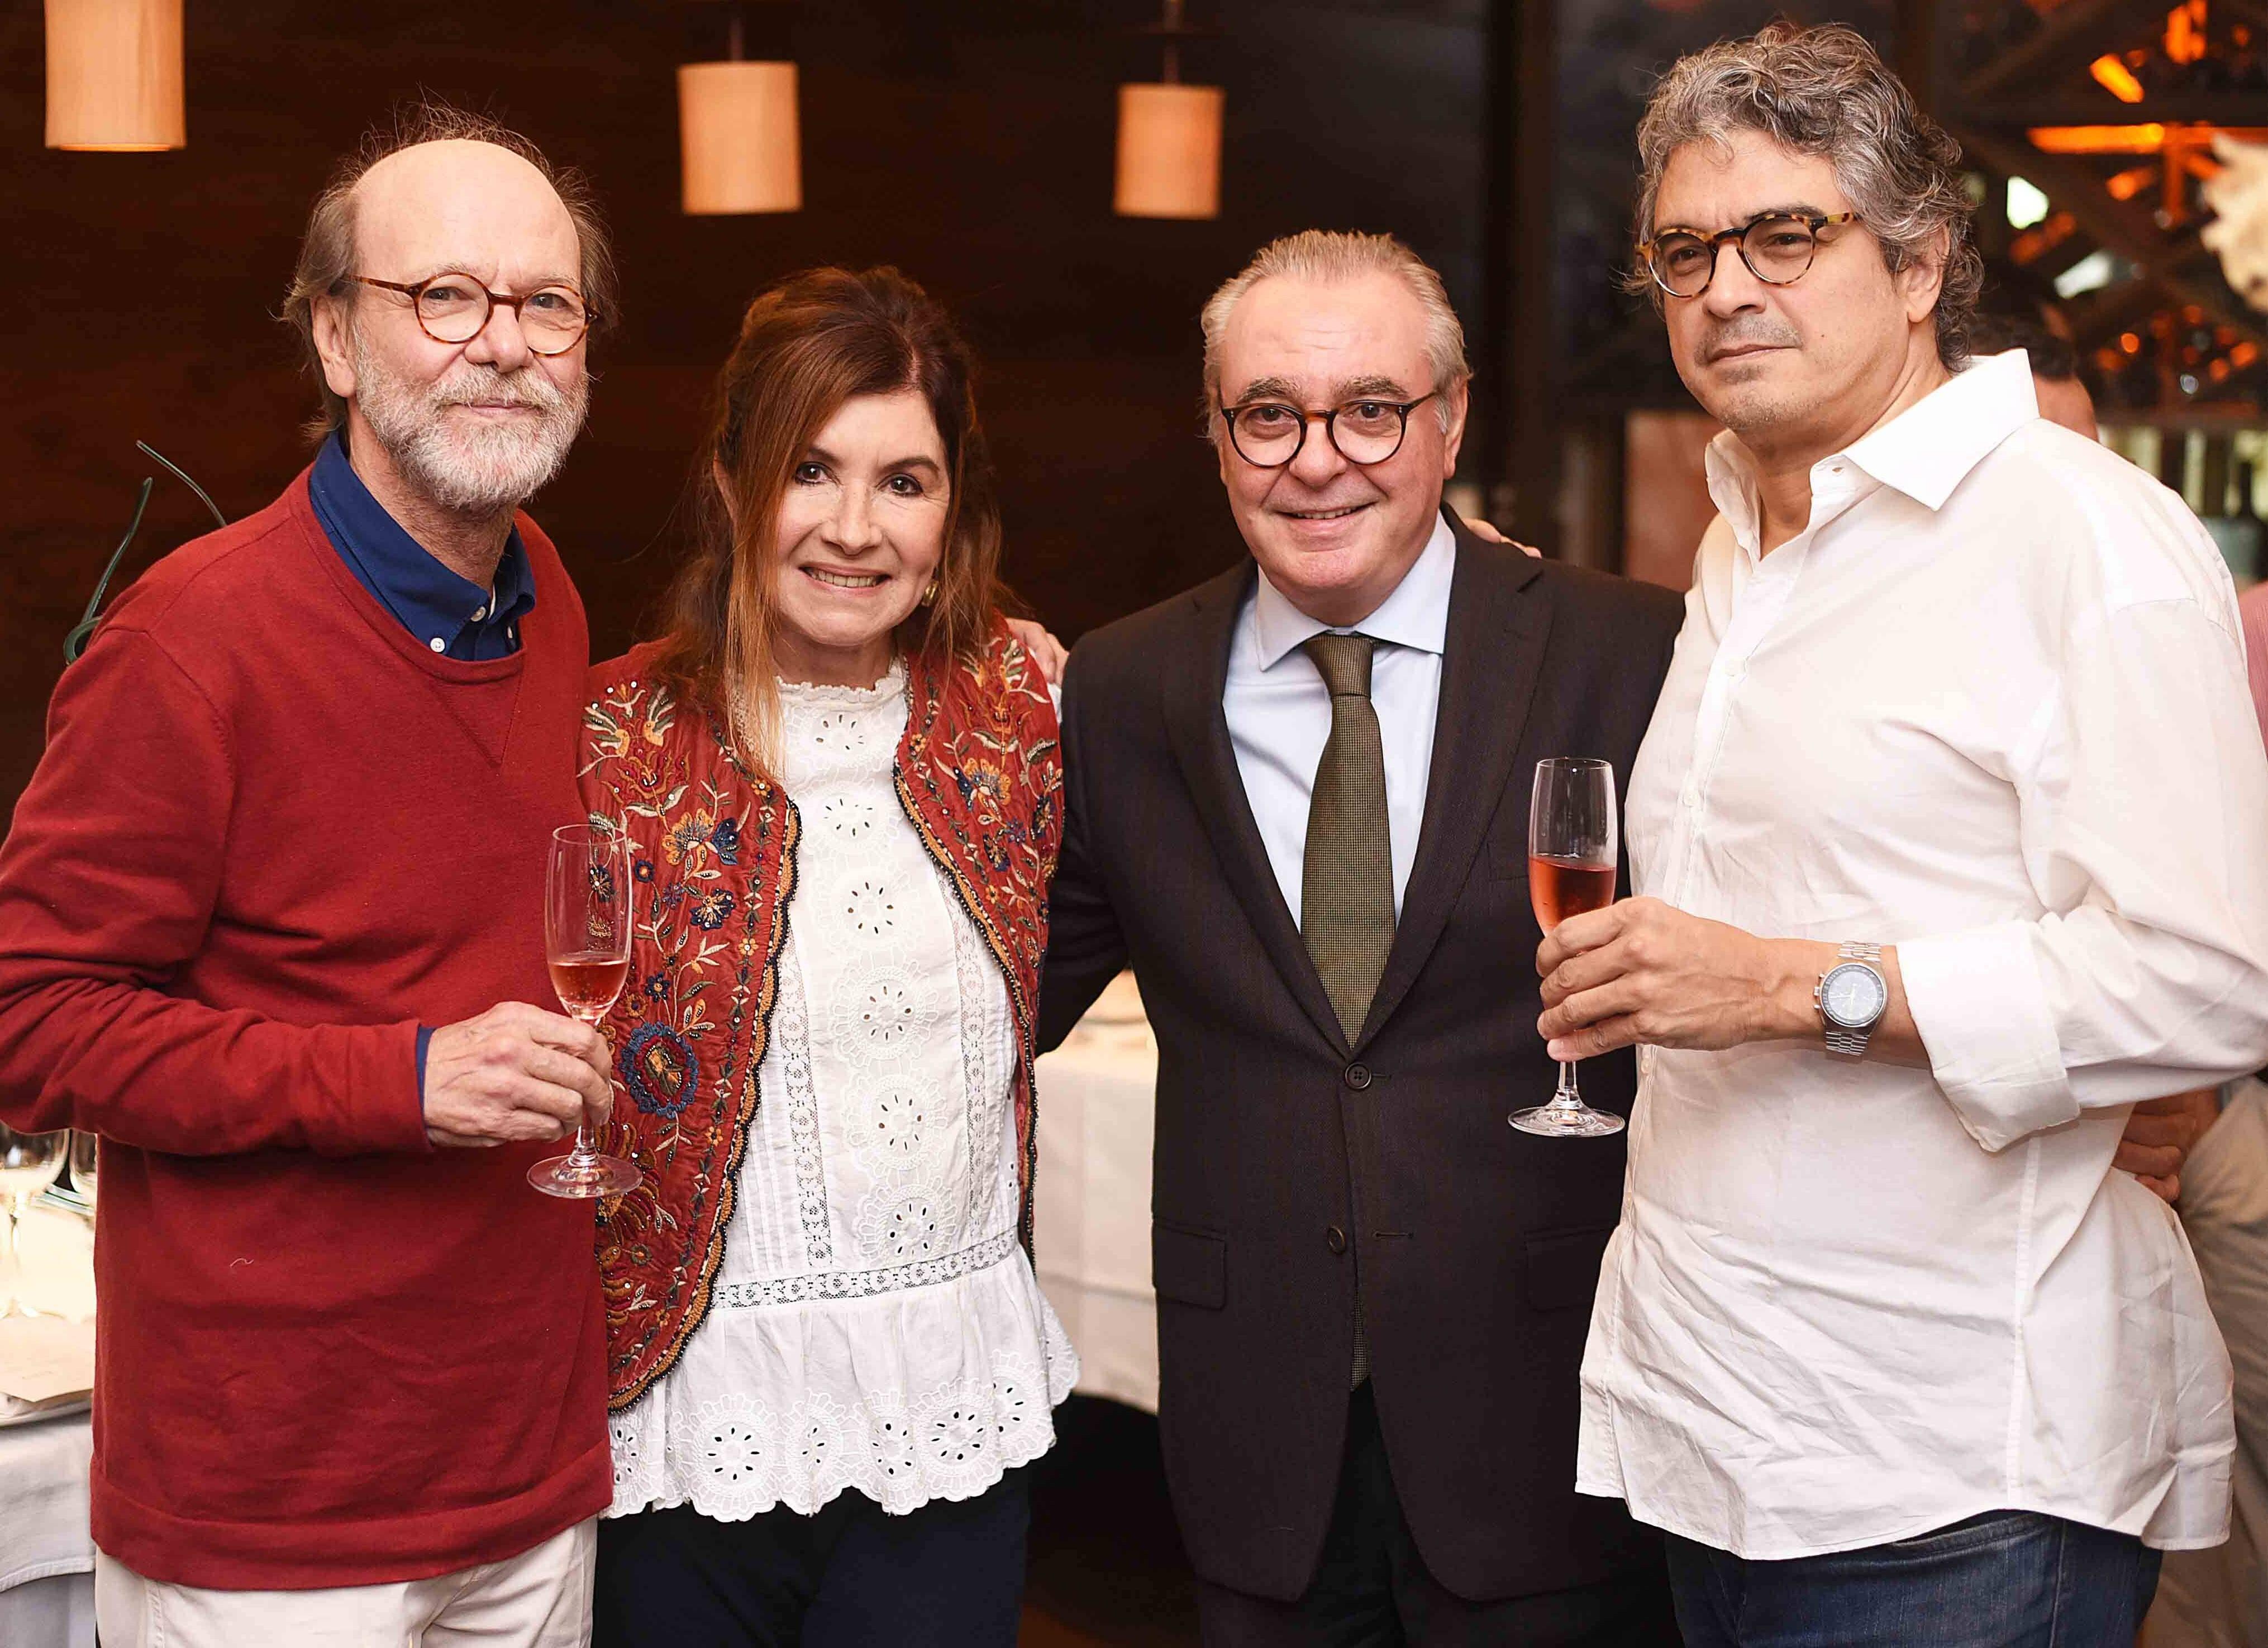 Chico Mascarenhas, Luciana Froes, Danio Braga e Pedro Mello e Souza /Foto: Ari Kaye